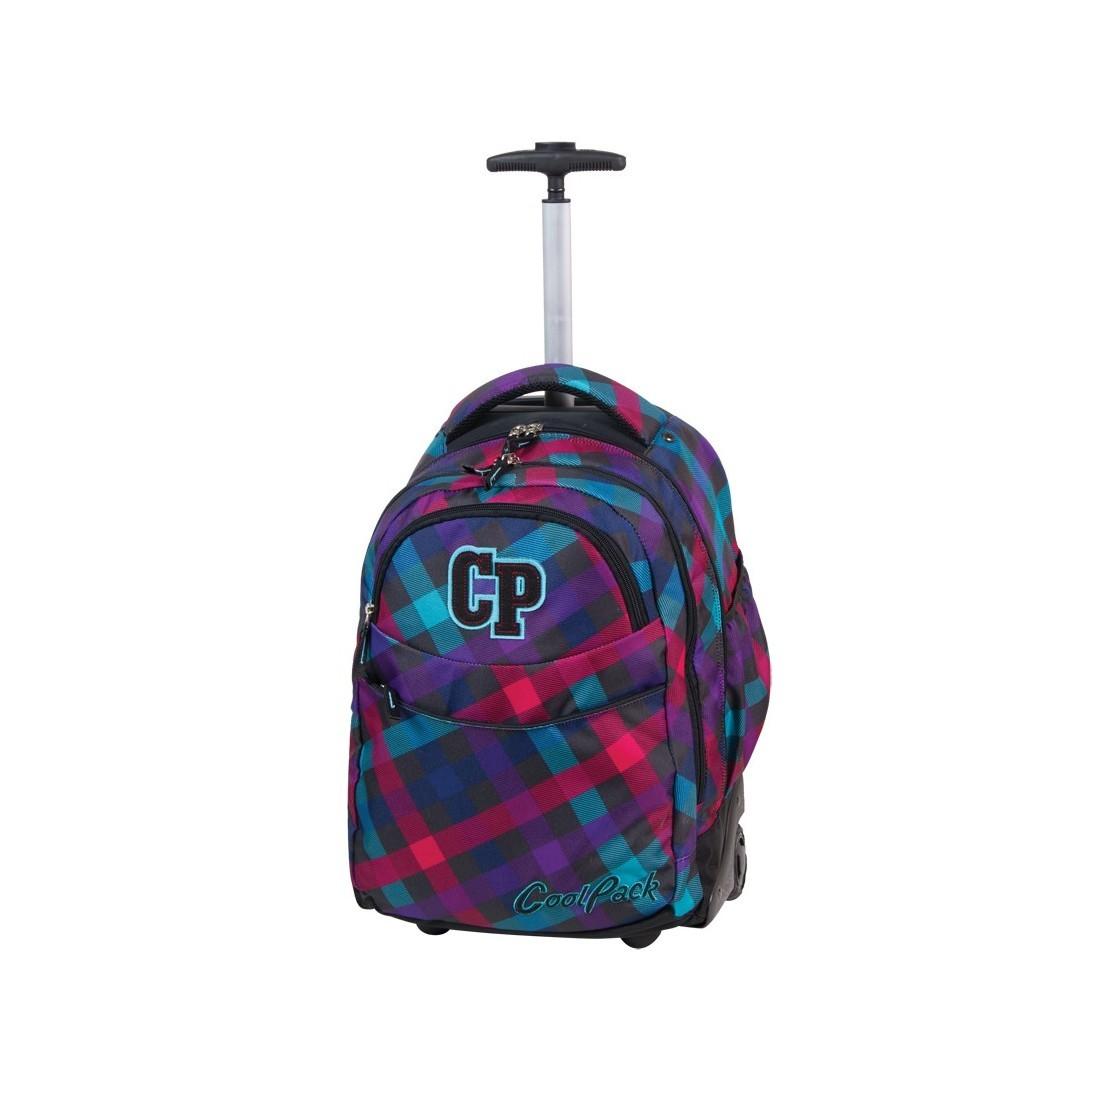 Plecak CoolPack na kółkach młodzieżowy w kratkę - CP 163